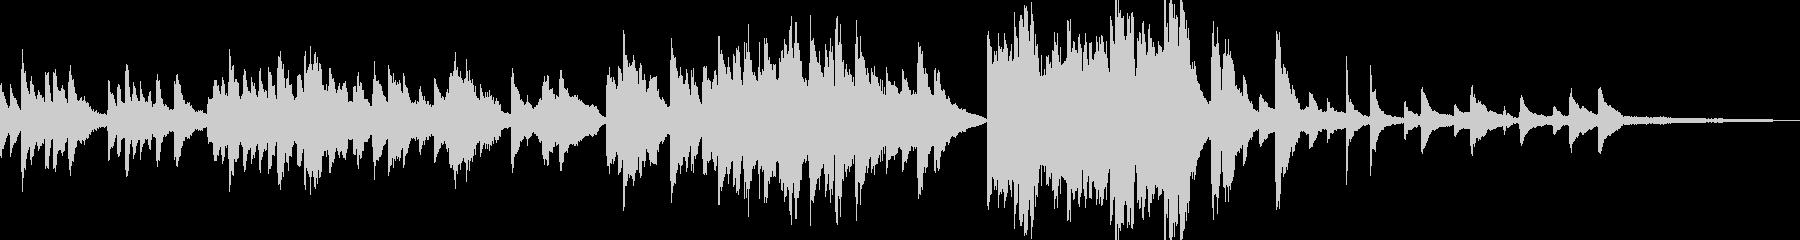 ゆったりとしたクラシカルなピアノ・ソロの未再生の波形